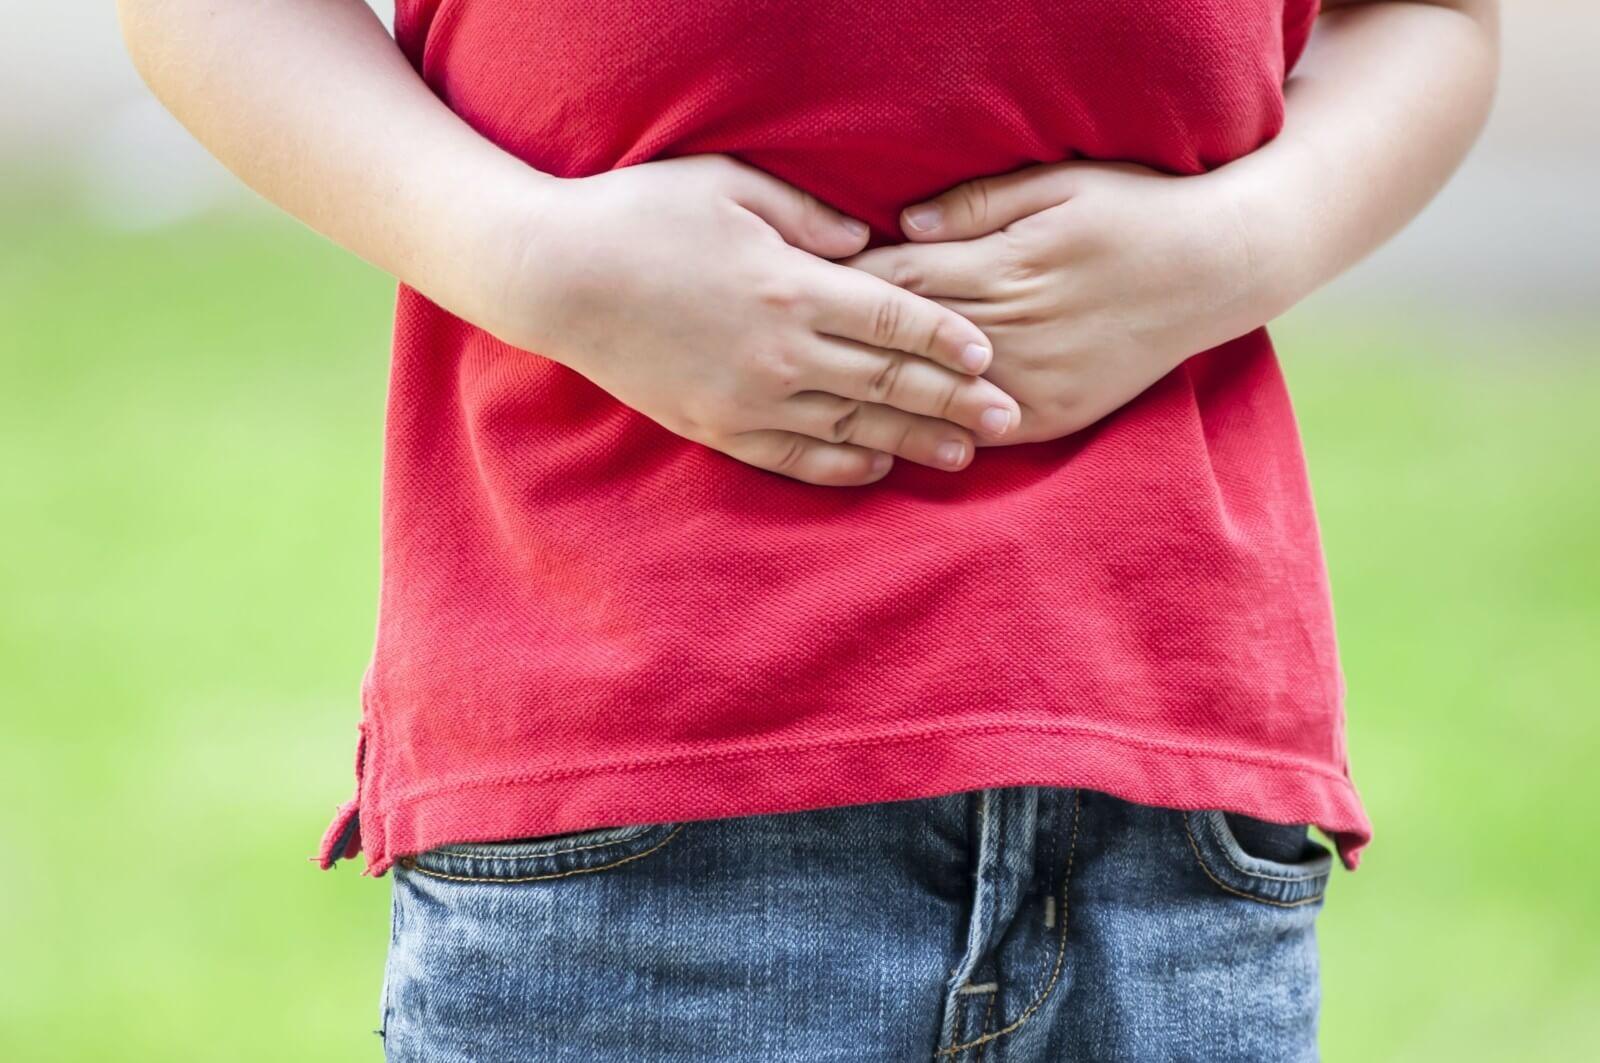 питание ребенка при заболеваниях кишечно-желудочного тракта